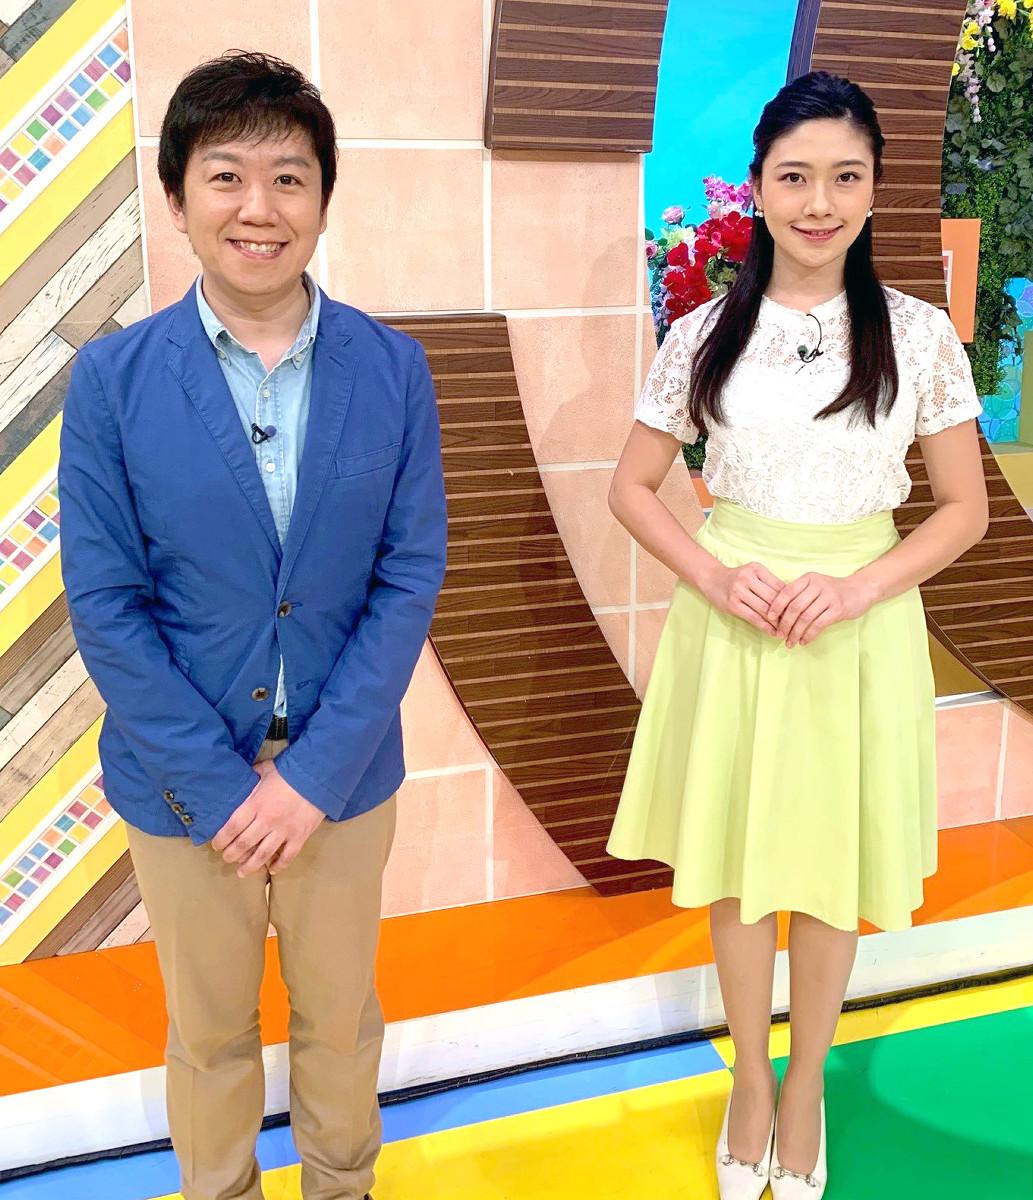 画面デビュー直前に緊張した表情をみせる静岡朝日テレビの松田アナ(右)と気象予報士の渡部さん